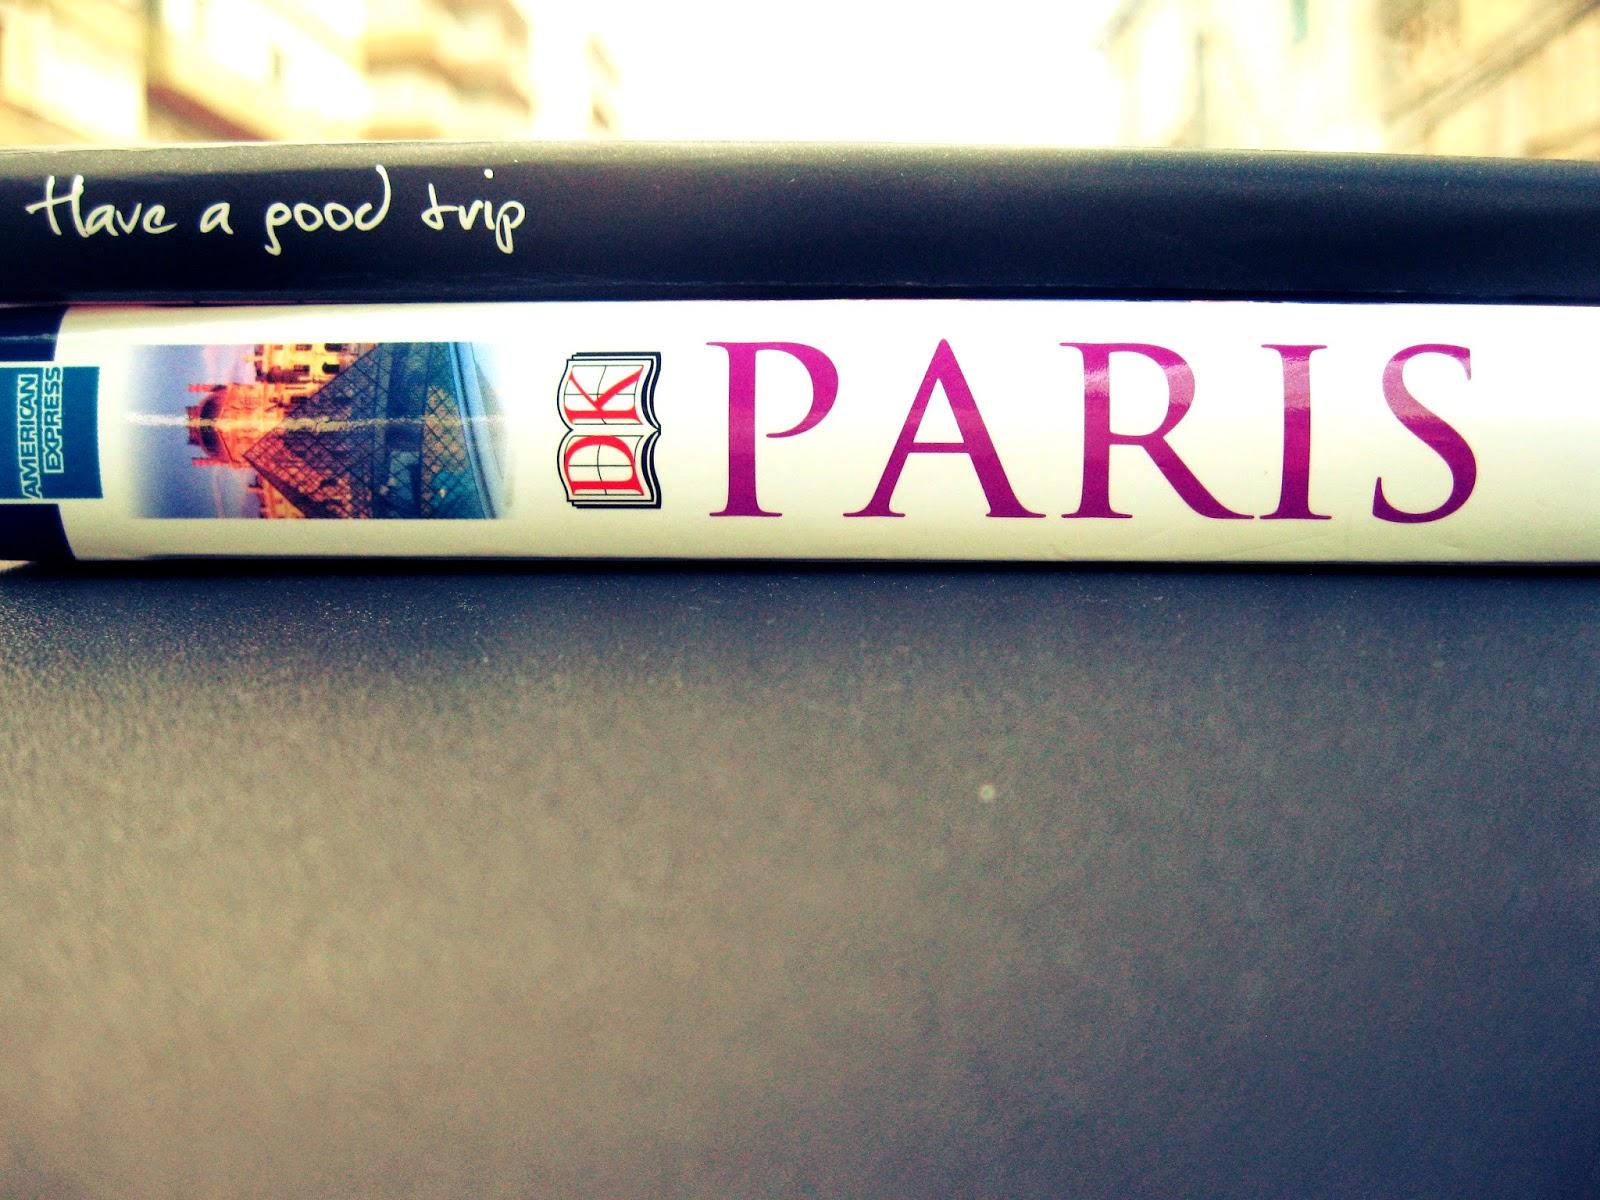 Paris vou a caminho!